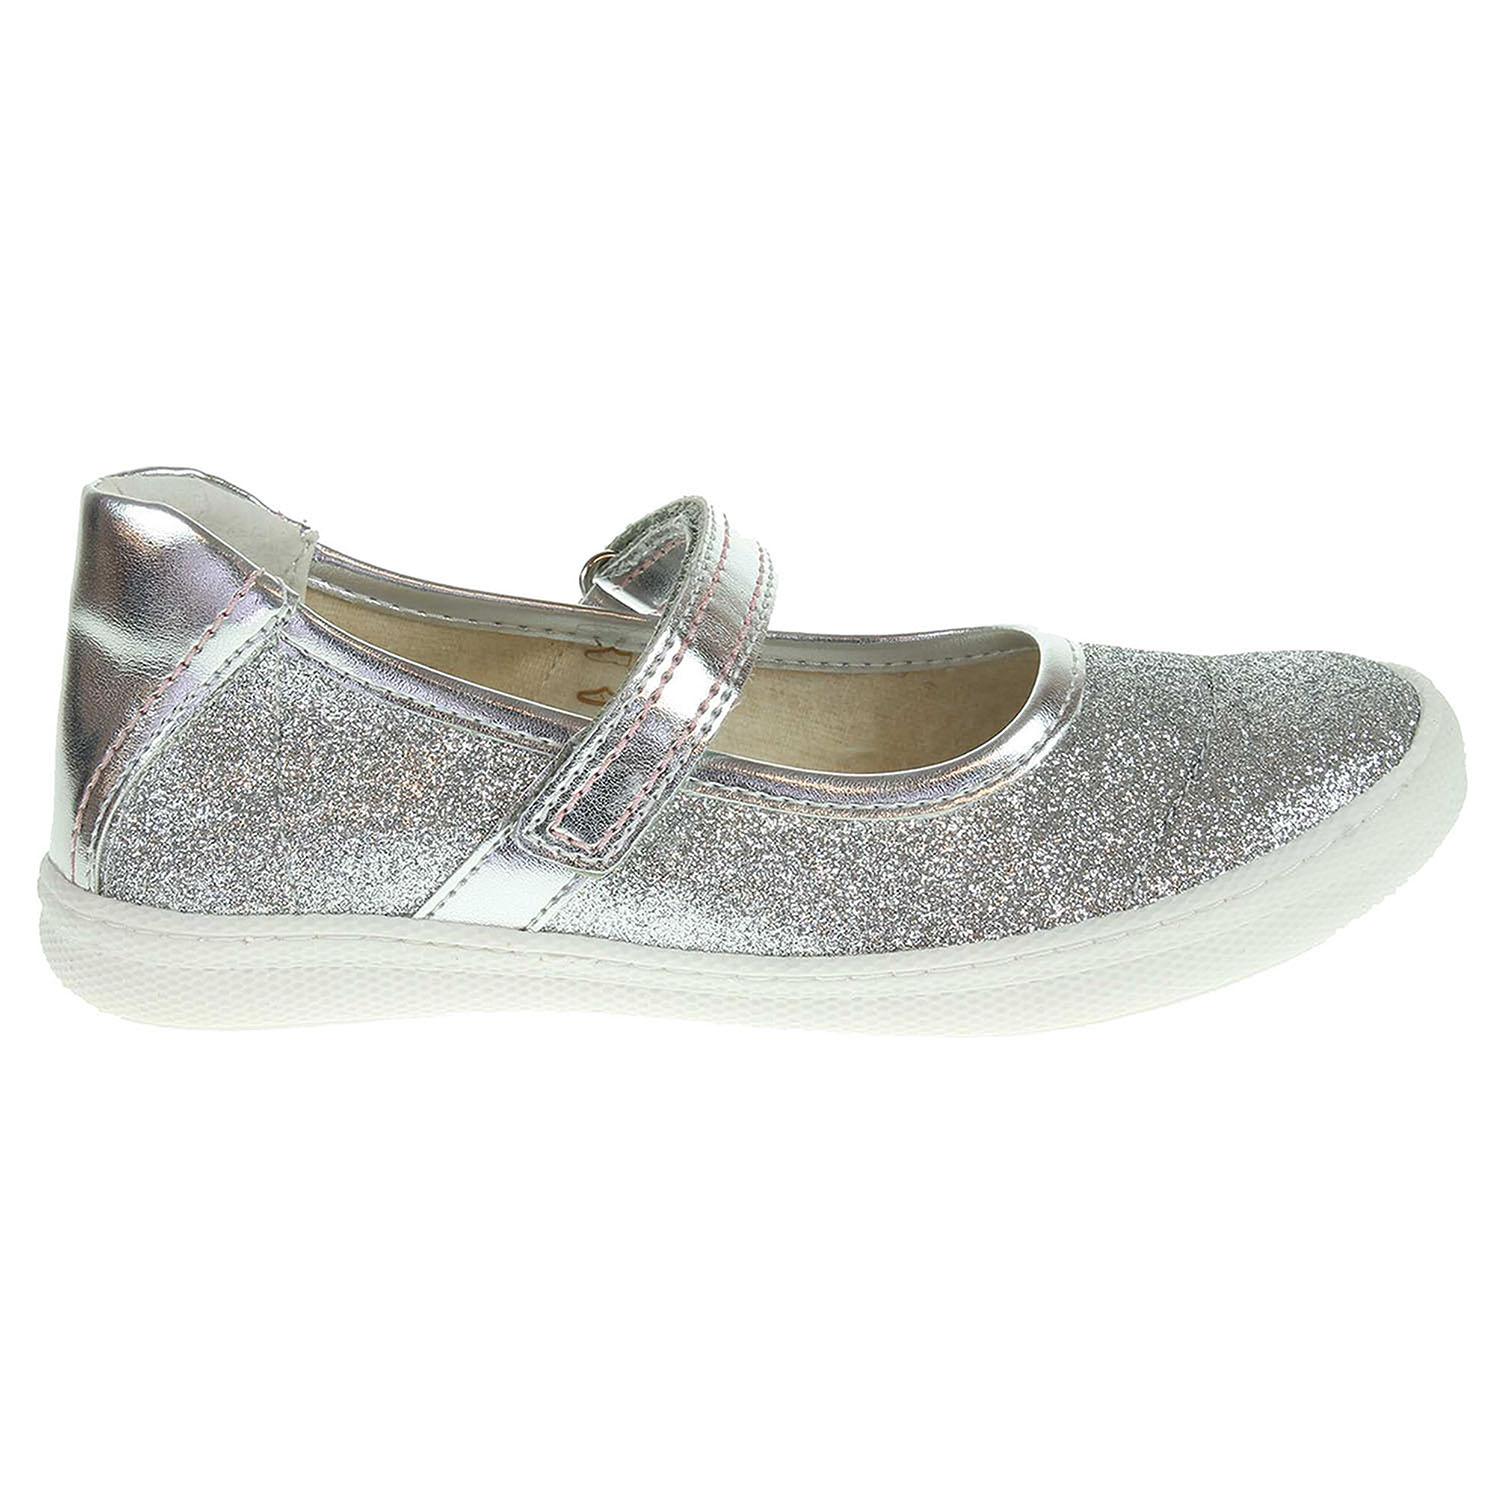 Primigi Steffy 5185377 dívčí baleriny stříbrné 25